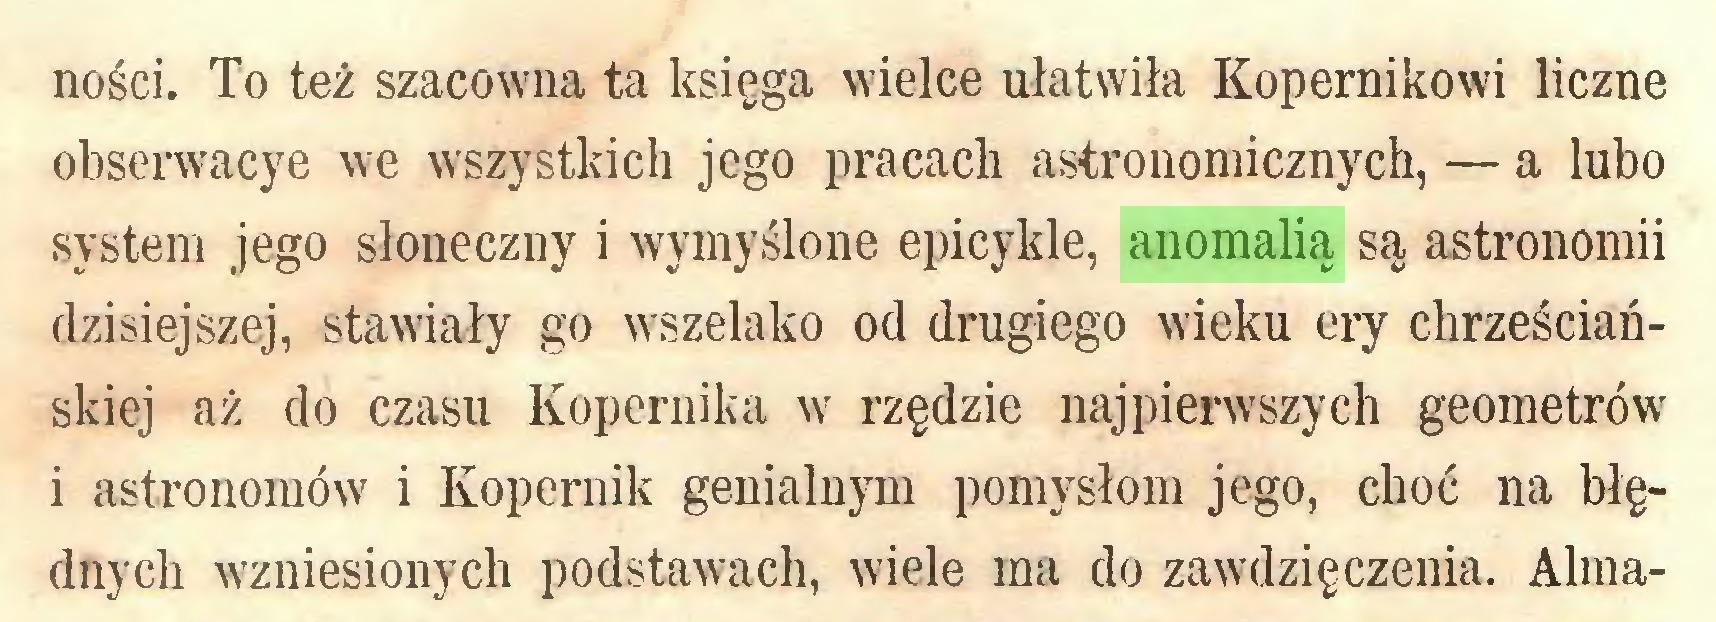 (...) ności. To też szacowna ta księga wielce ułatwiła Kopernikowi liczne obserwacye we wszystkich jego pracach astronomicznych, — a lubo system jego słoneczny i wymyślone epicykle, anomalią są astronomii dzisiejszej, stawiały go wszelako od drugiego wieku ery chrześciańskiej aż do czasu Kopernika w rzędzie najpierwszych geometrów i astronomów i Kopernik genialnym pomysłom jego, choć na błędnych wzniesionych podstawach, wiele ma do zawdzięczenia. Alma...